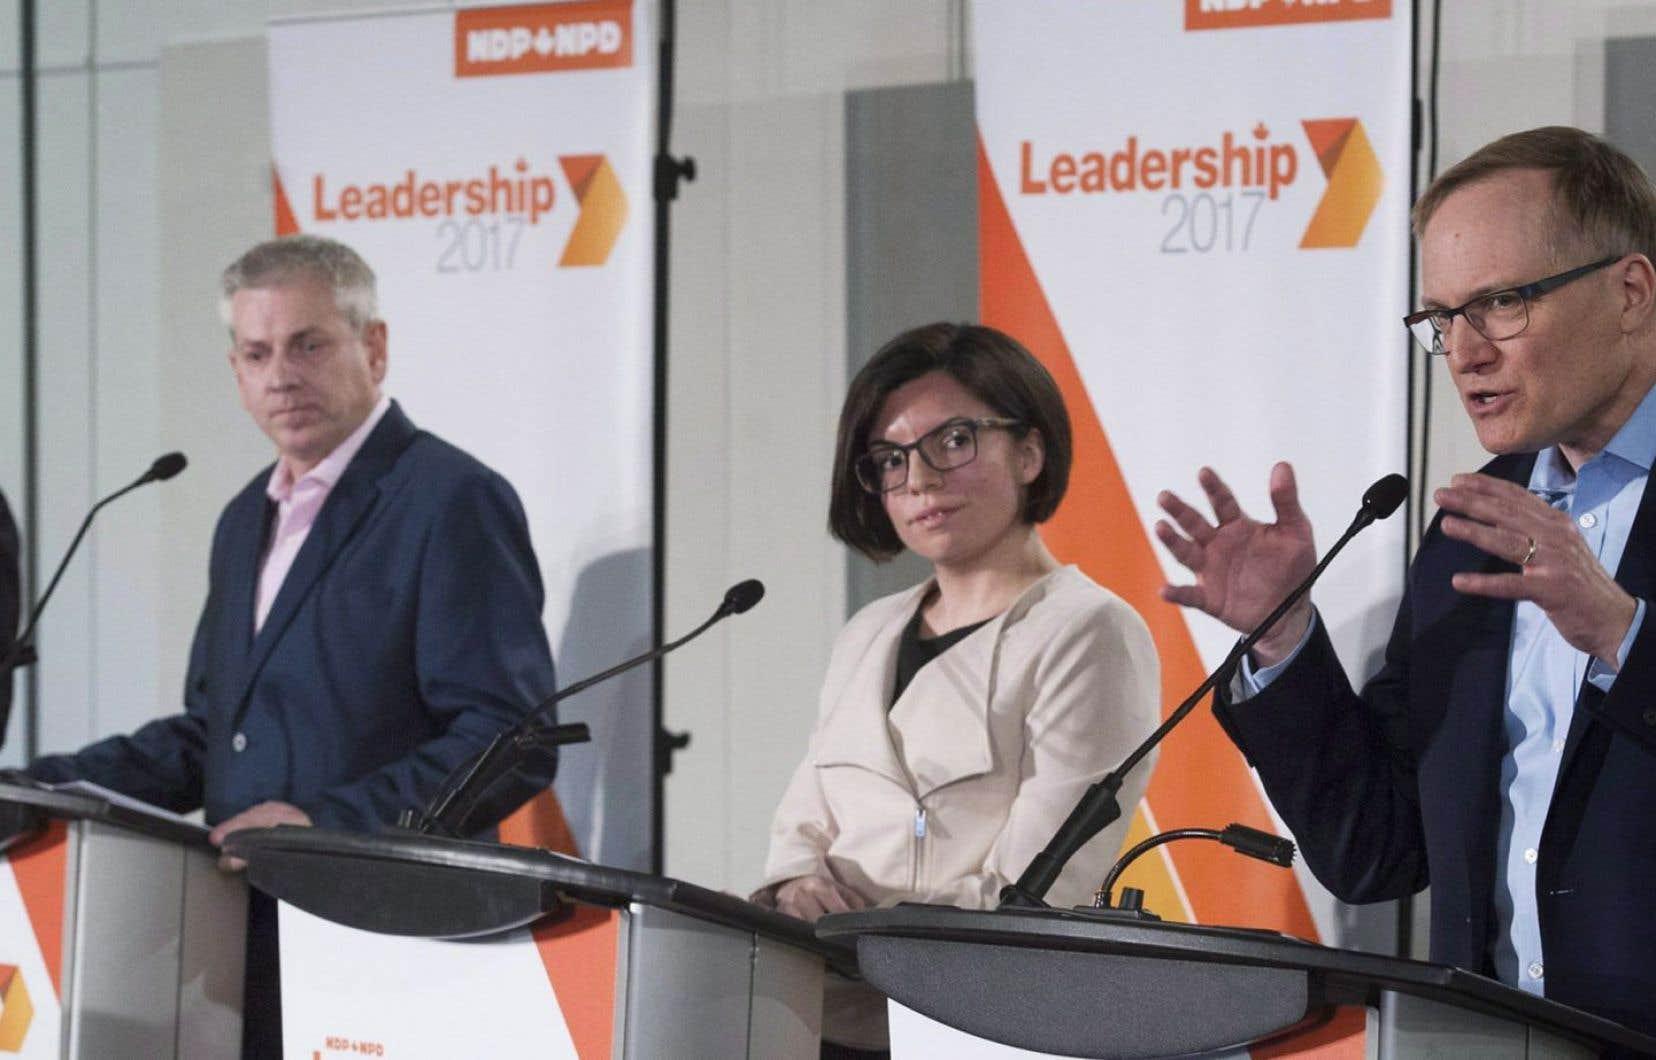 Guy Caron, Charlie Angus, Niki Ashton et Peter Julian ont pris part à un débat à Montréal à la fin mars dernier. Jagmeet Singh n'avait pas participé à l'événement puisqu'il s'est inscrit dans la course à la direction seulement à la mi-mai.